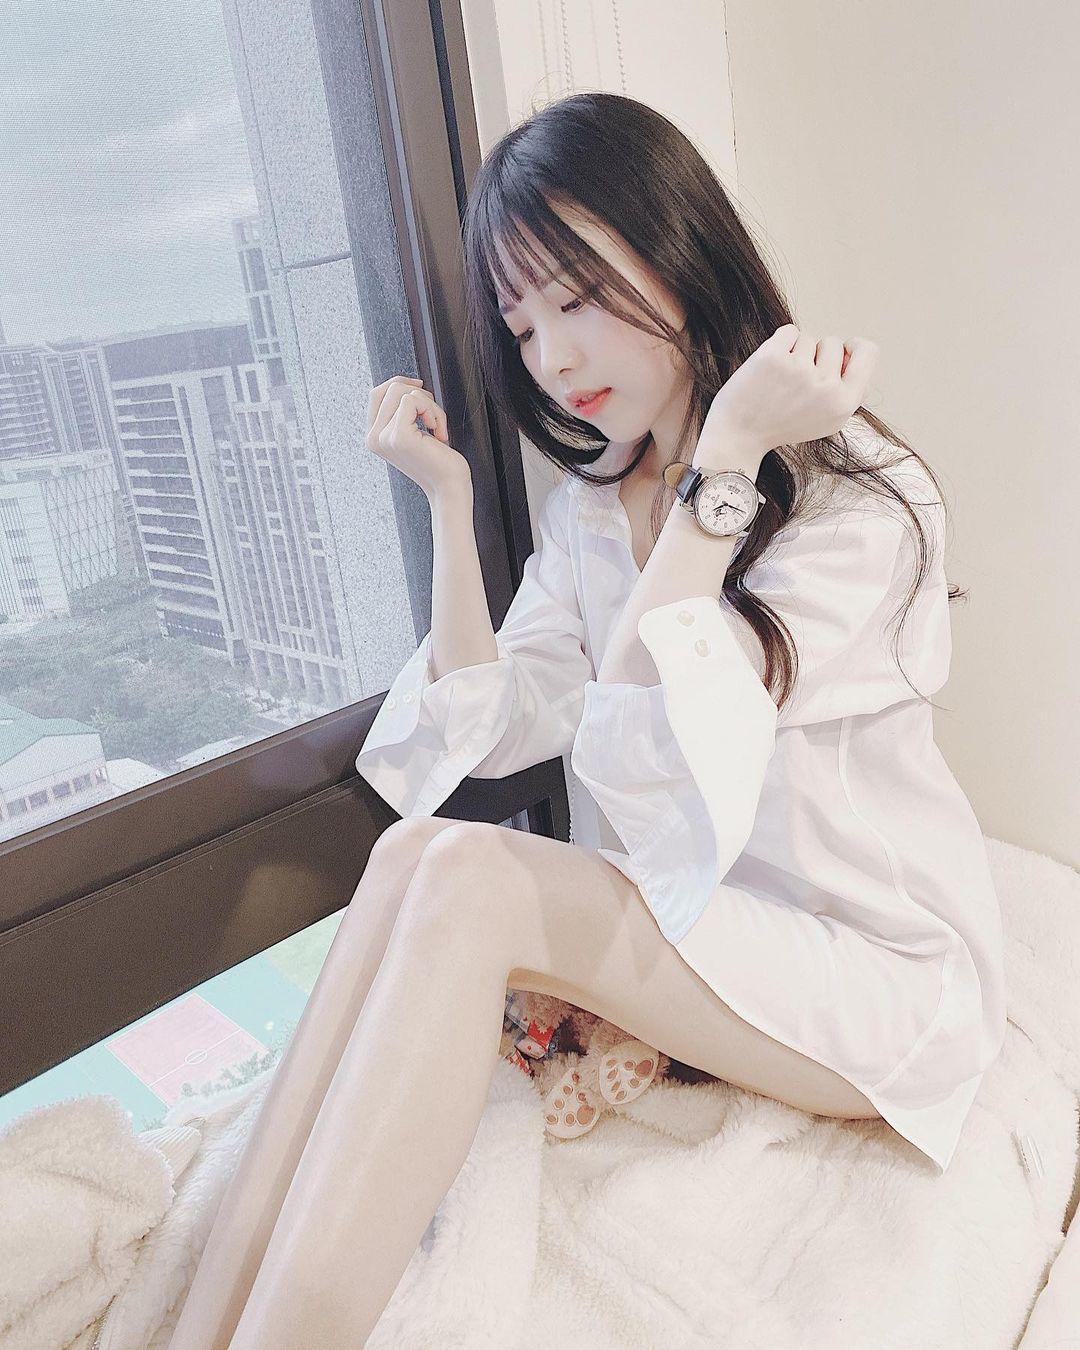 萌系美少女赵兔兔女友感满分让人融化了 妹子图 热图3